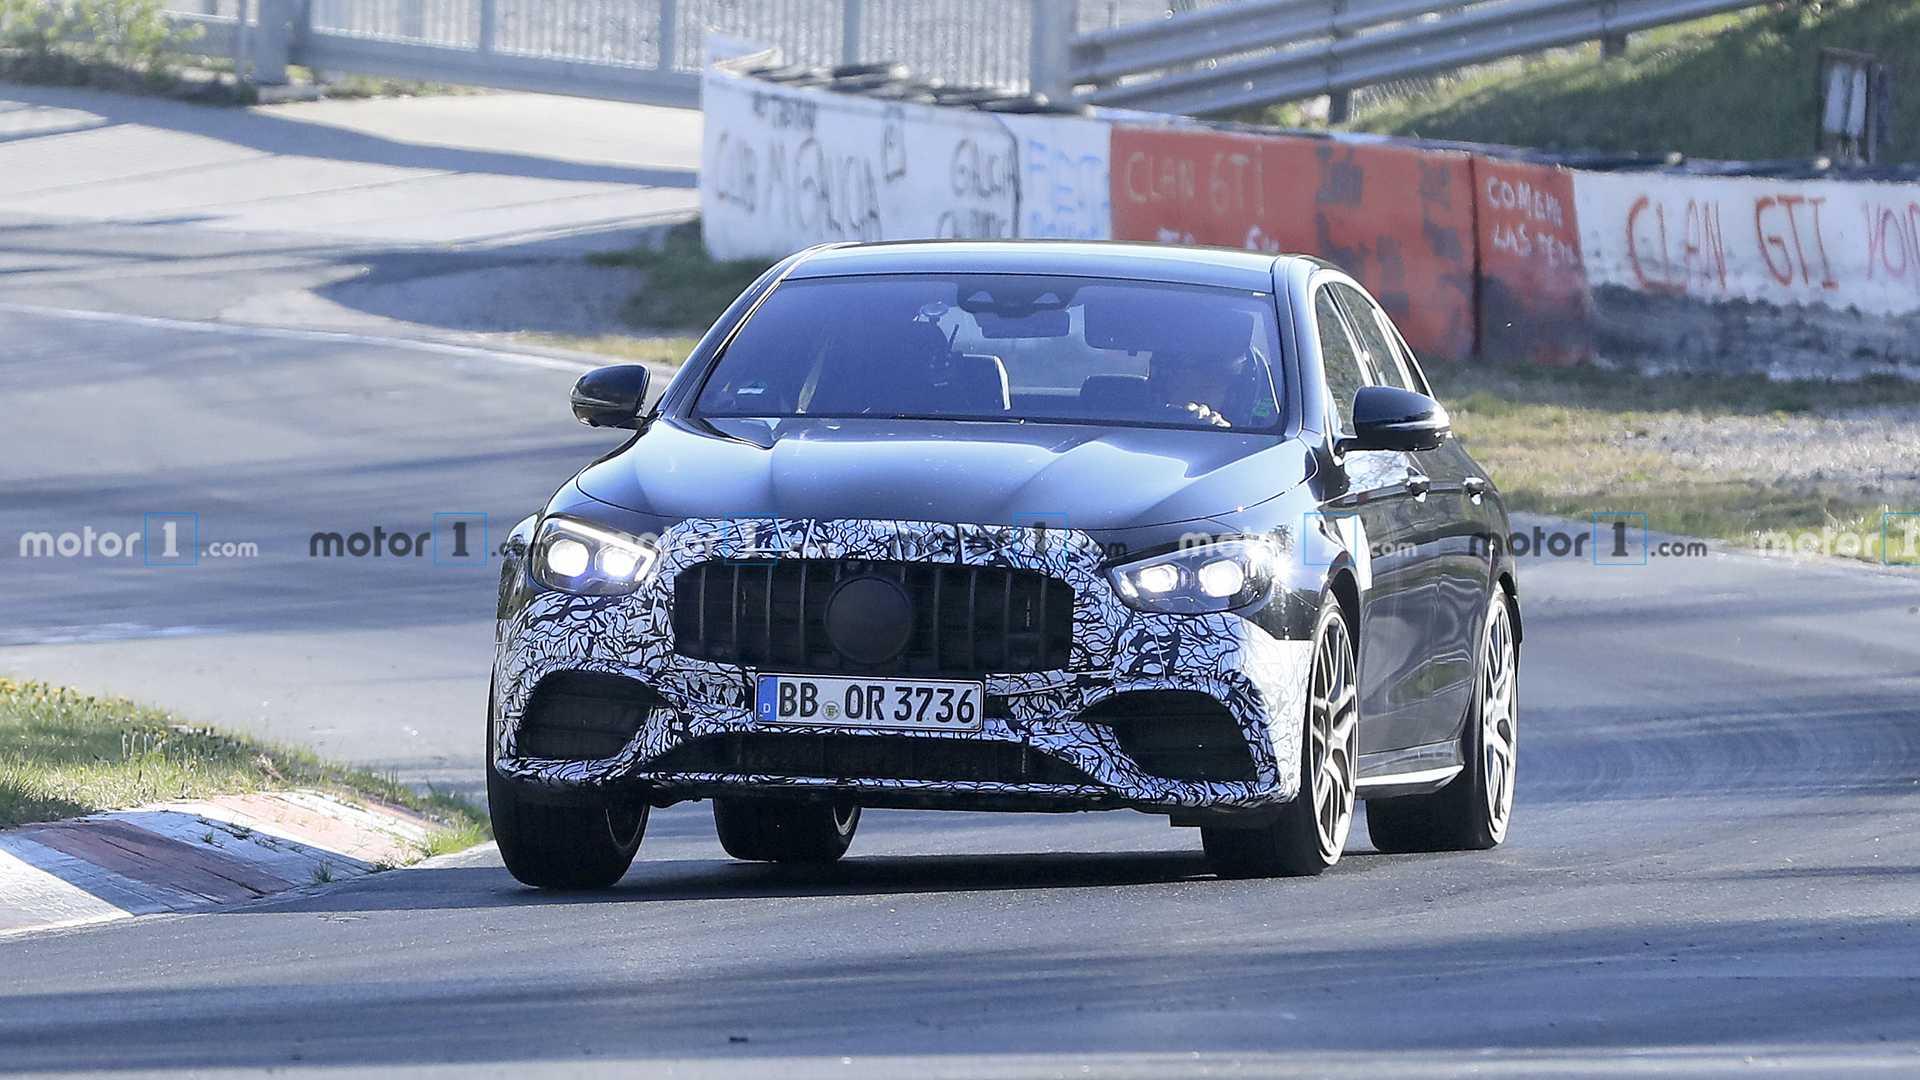 大排增压V8,可漂移四驱,奔驰新款E63 AMG谍照曝光